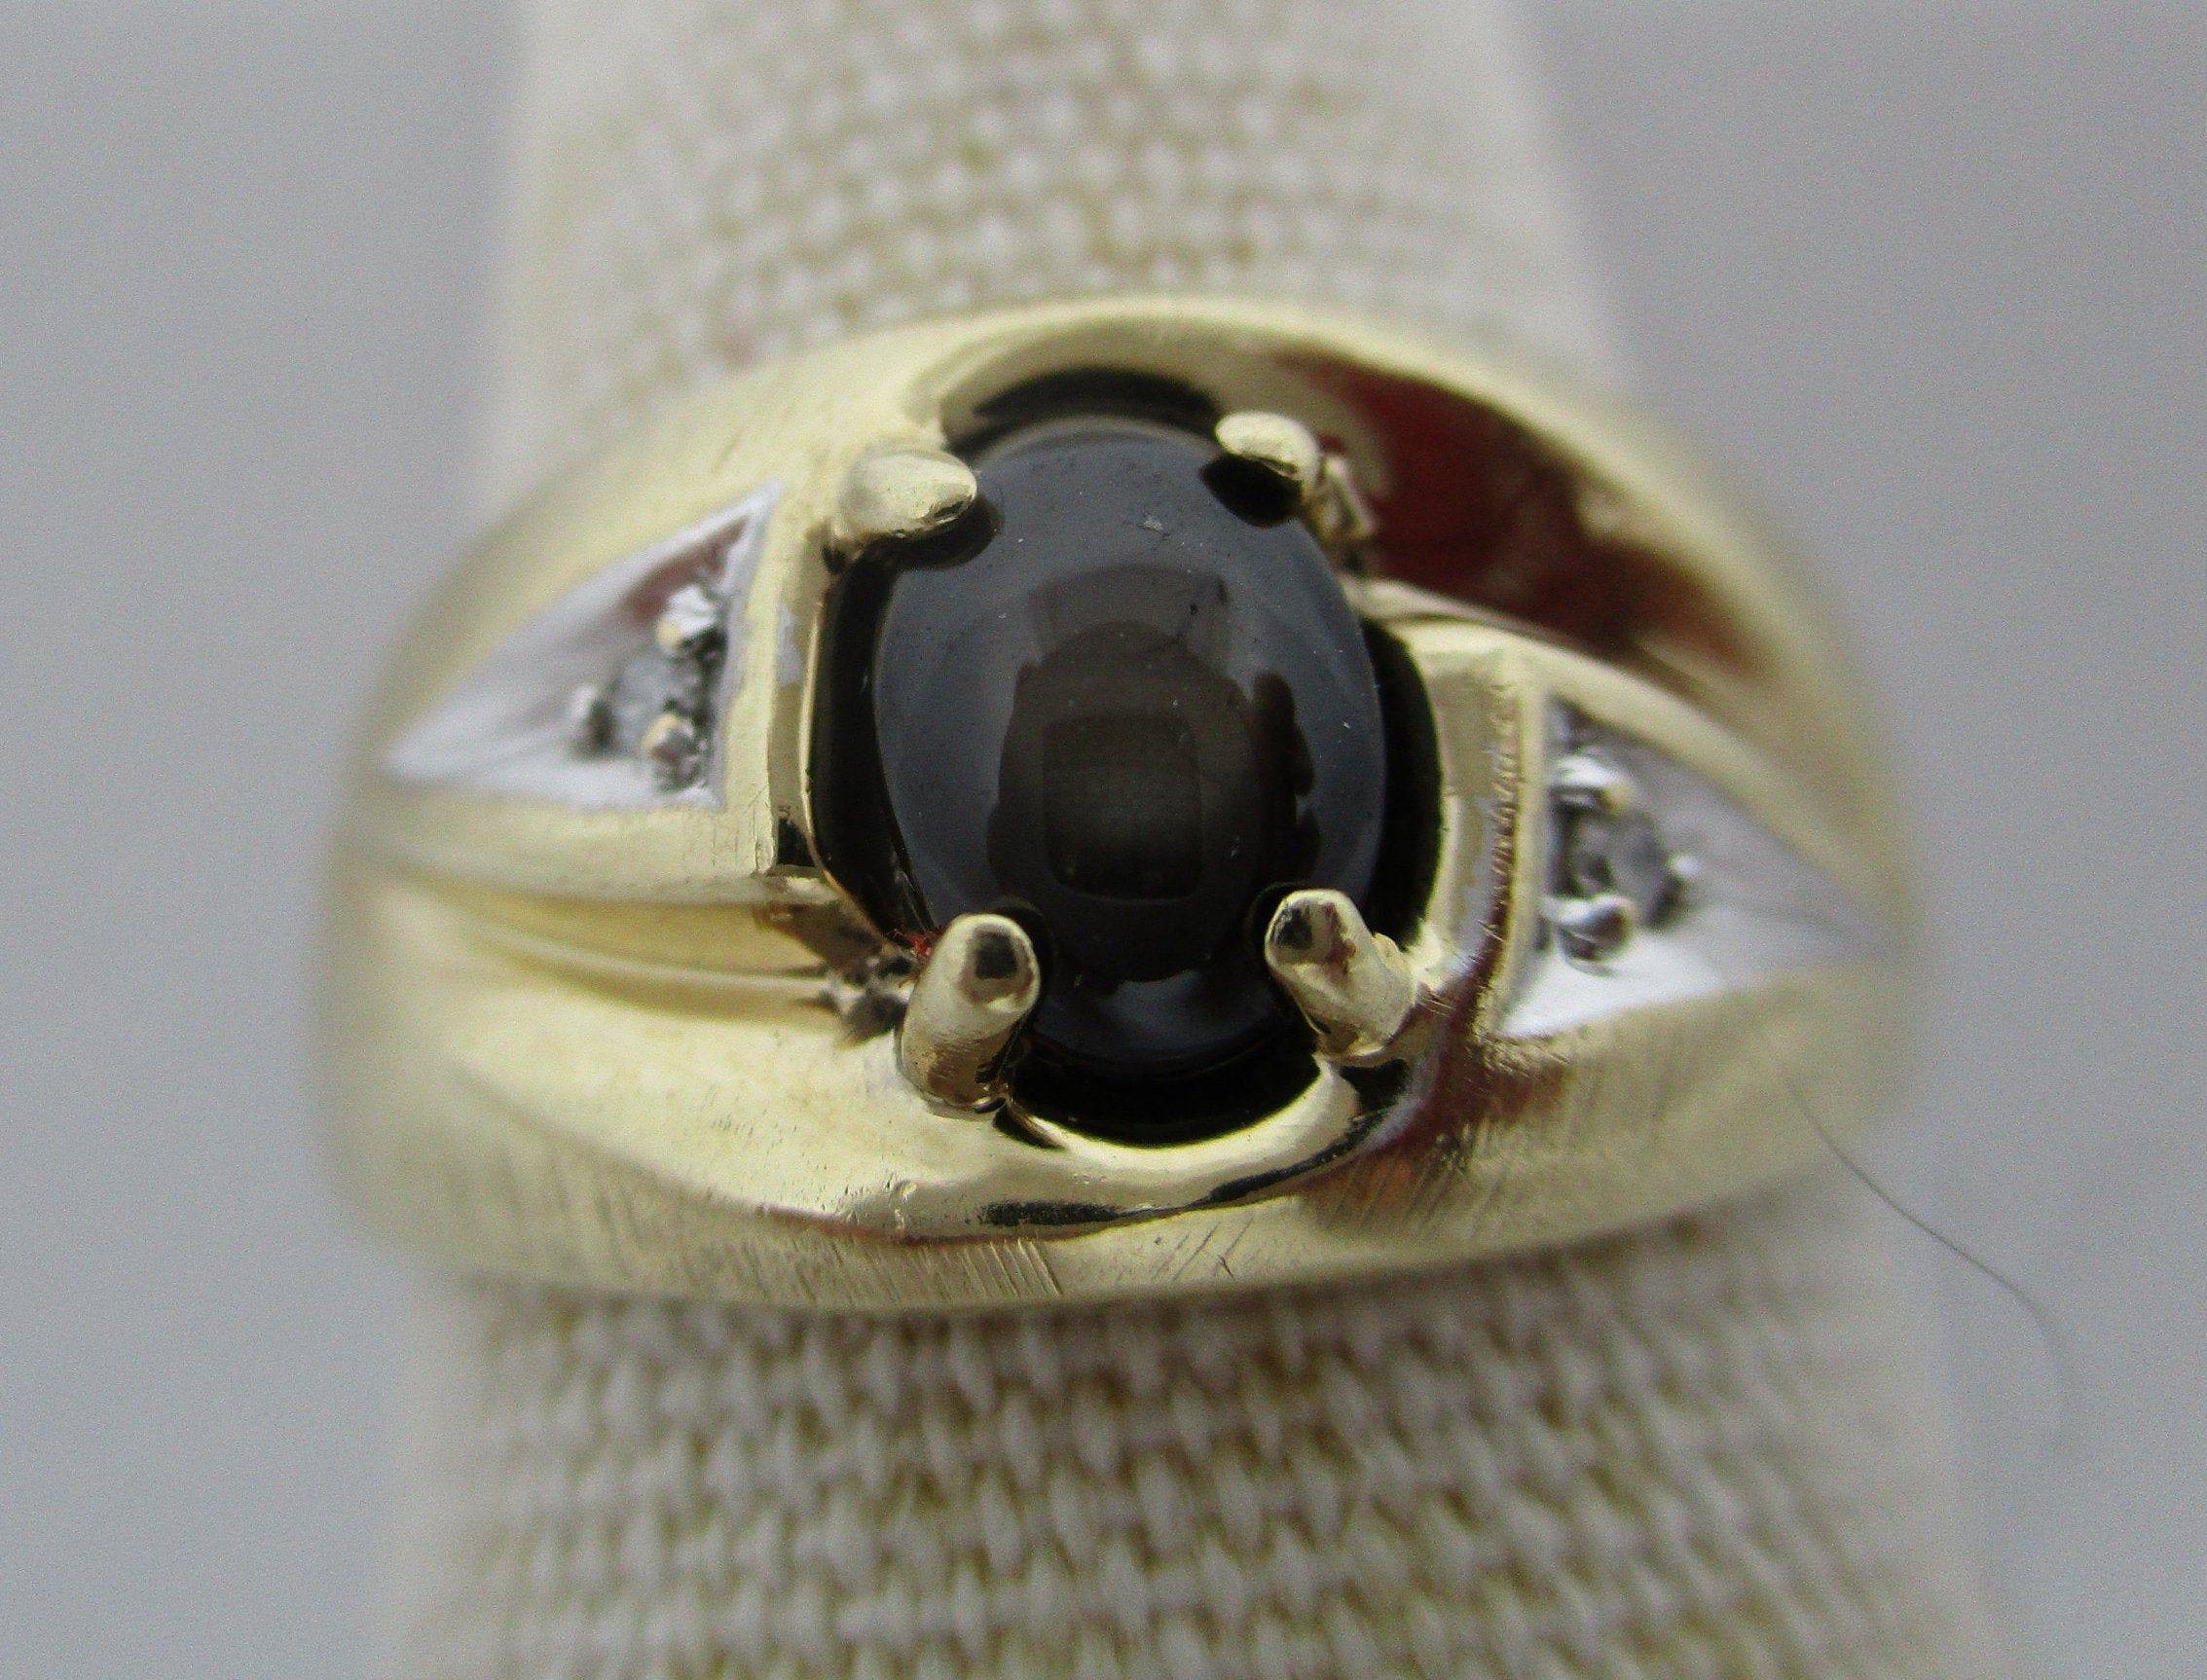 Star Sapphire Diamond 10k Gold Men S Ring 10k White Gold 10k Yellow Gold Diamond Black Star Sapphire Ring Vintage 1970 S Size 9 25 3 5 Grams In 2020 Star Sapphire Ring Sapphire Diamond Star Sapphire